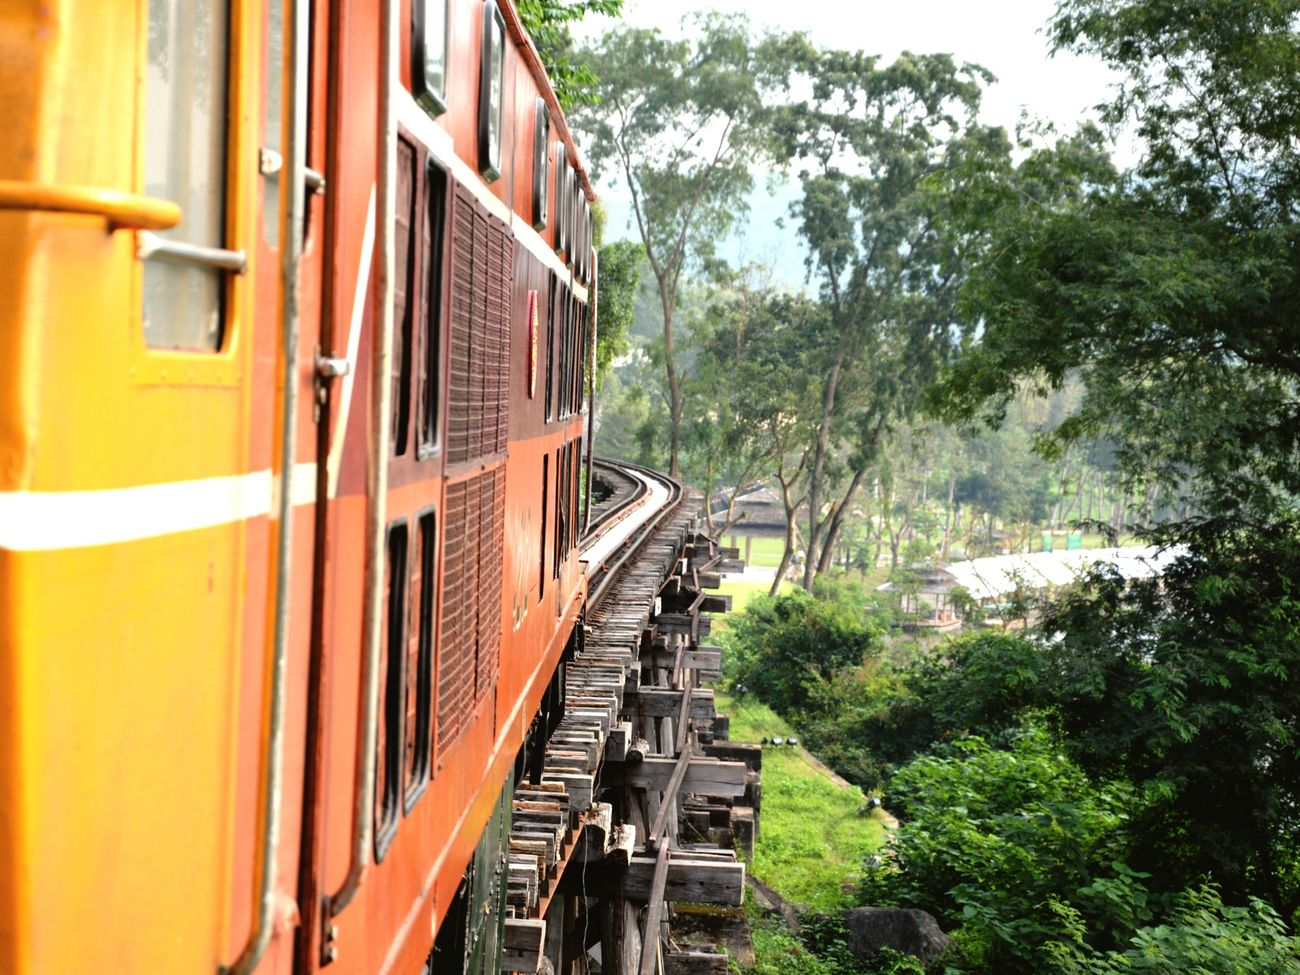 Thailand Thailand_allshots EyeEm Thailand Nikon 2013 Thailandtravel Roadtrip EyeEm Best Shots Train Pontdelarivierekwai Bridge Spotted In Thailand On The Way